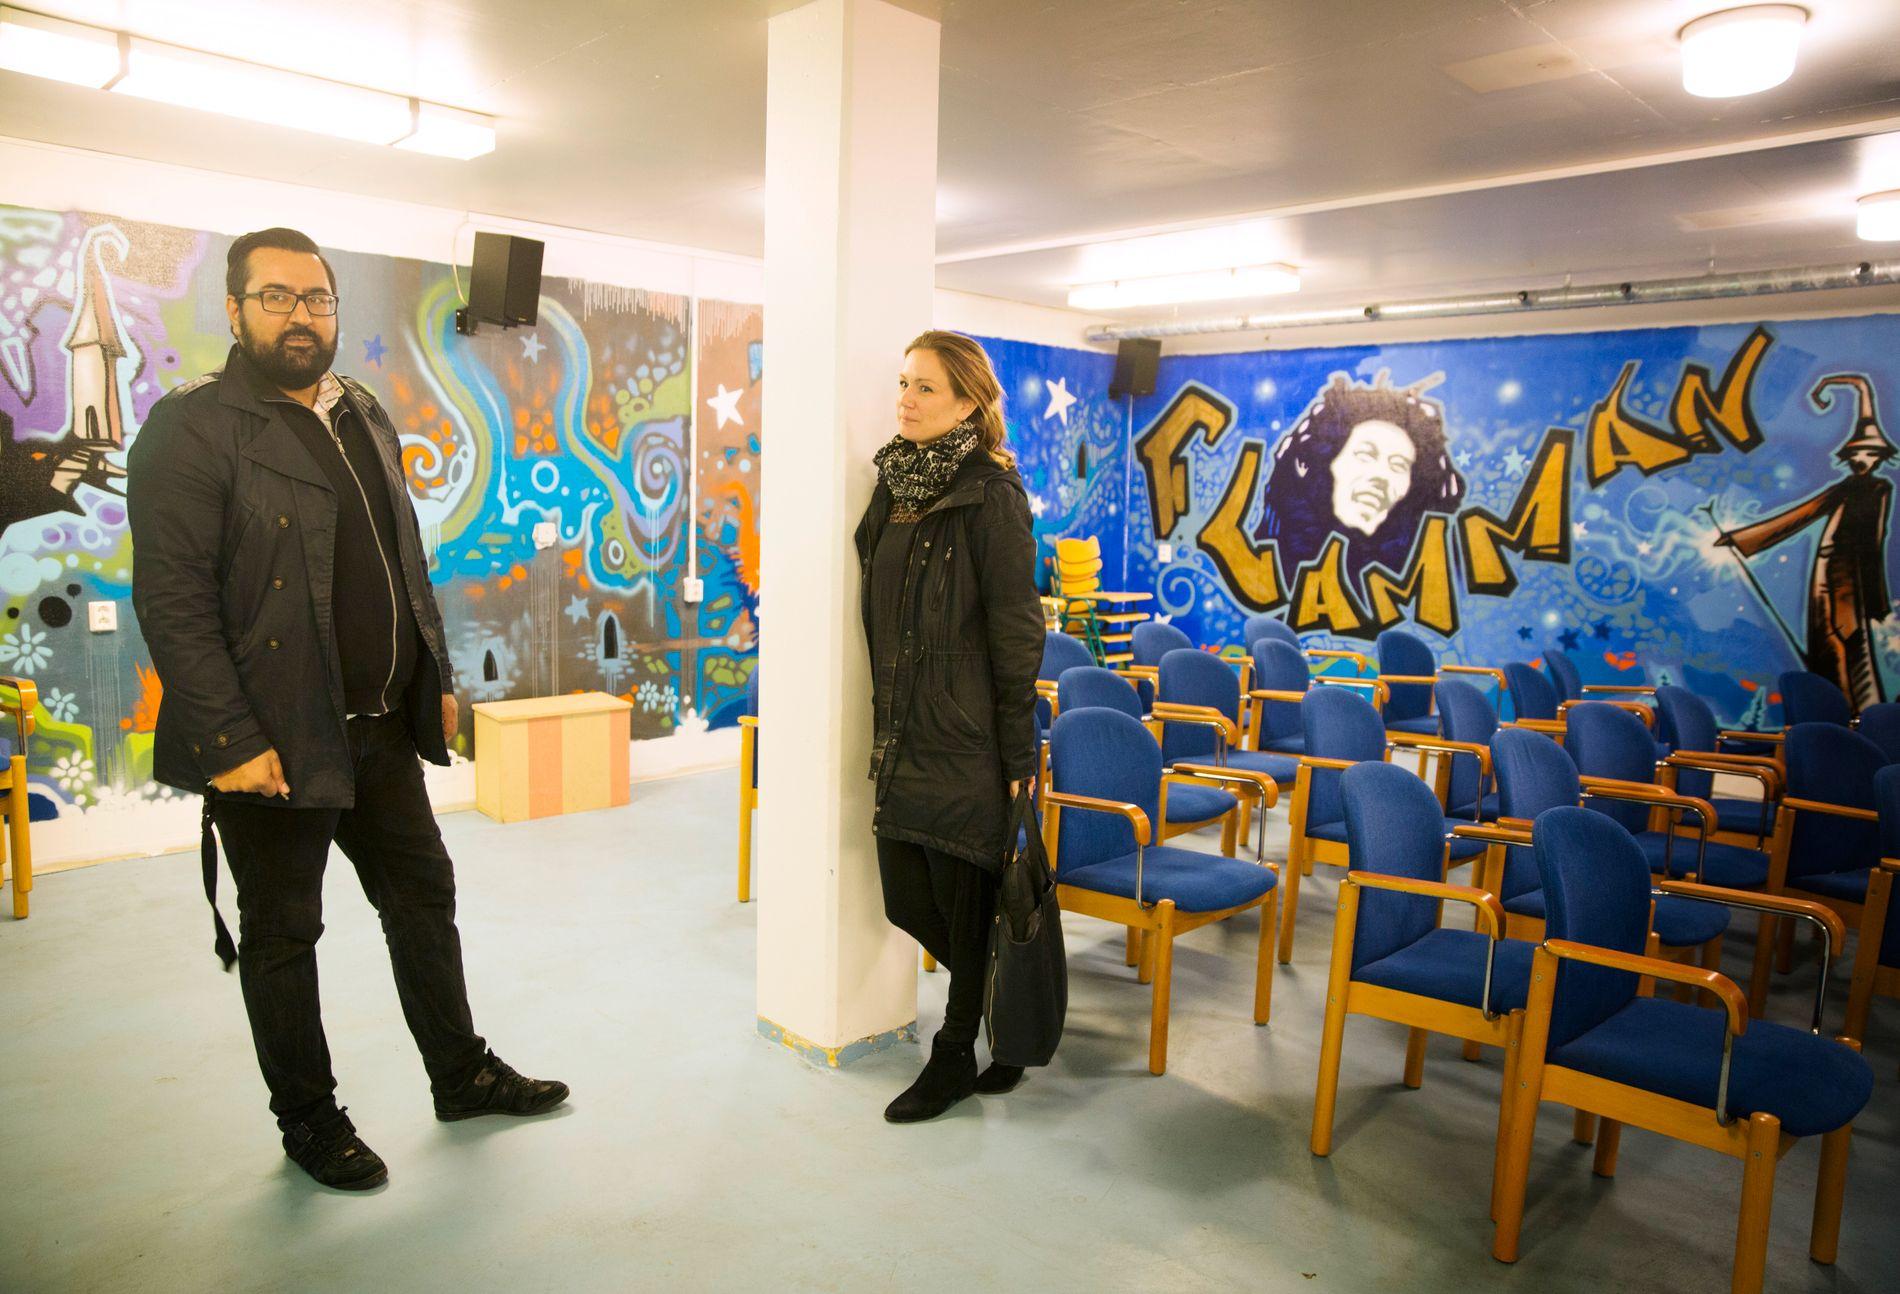 RADIKALE GREP: Ungdomsarbeider Rafi Farouq og Sarah Hansson fra Malmø kommune går nå sammen med andre frivillige organisasjoner for å hindre at byens ungdom blir radikalisert. FOTO: DANIEL NILSSON